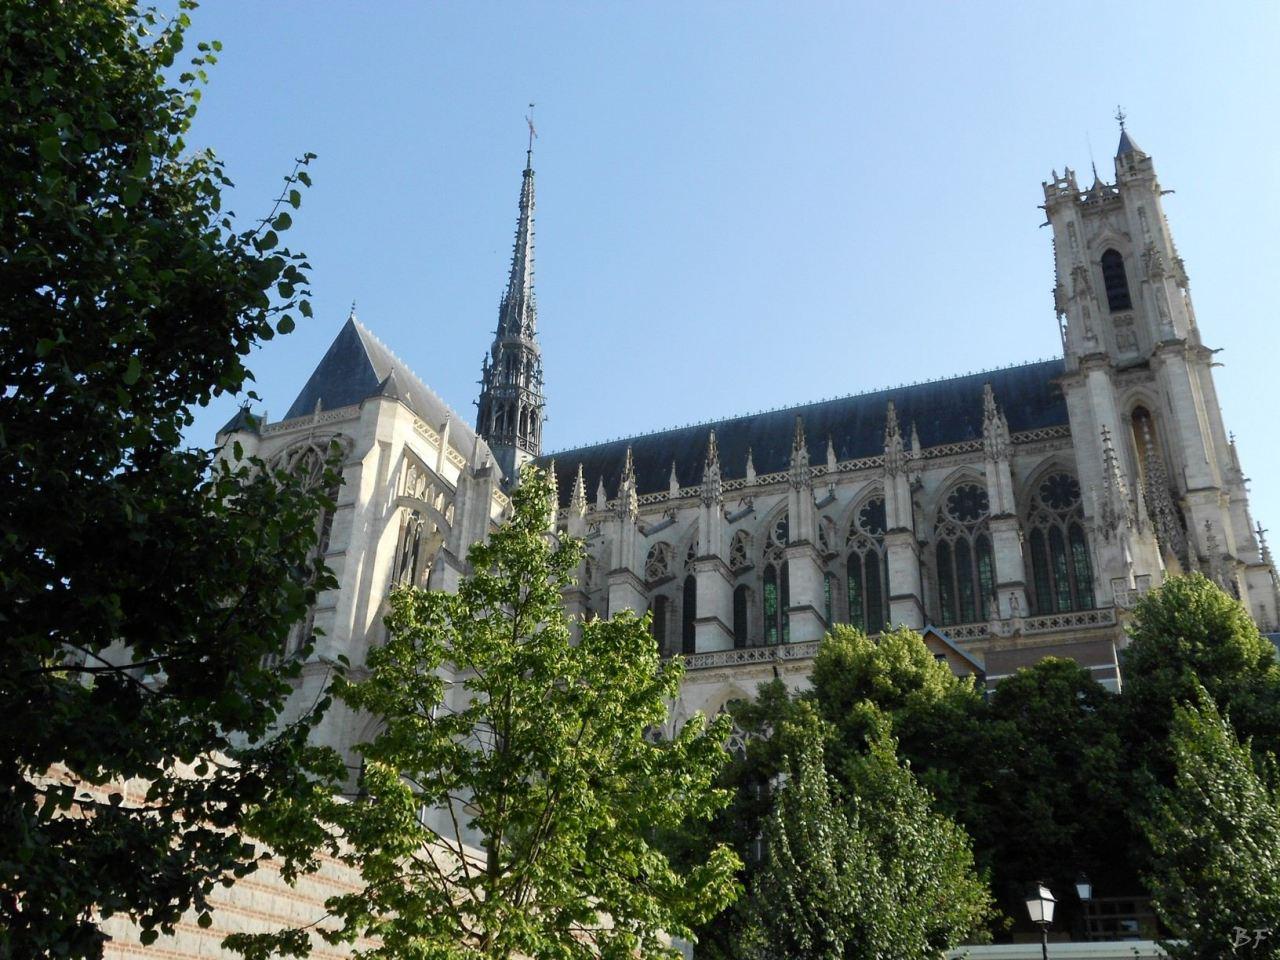 Cattedrale-Gotica-della-Vergine-di-Amiens-Somme-Hauts-de-France-11